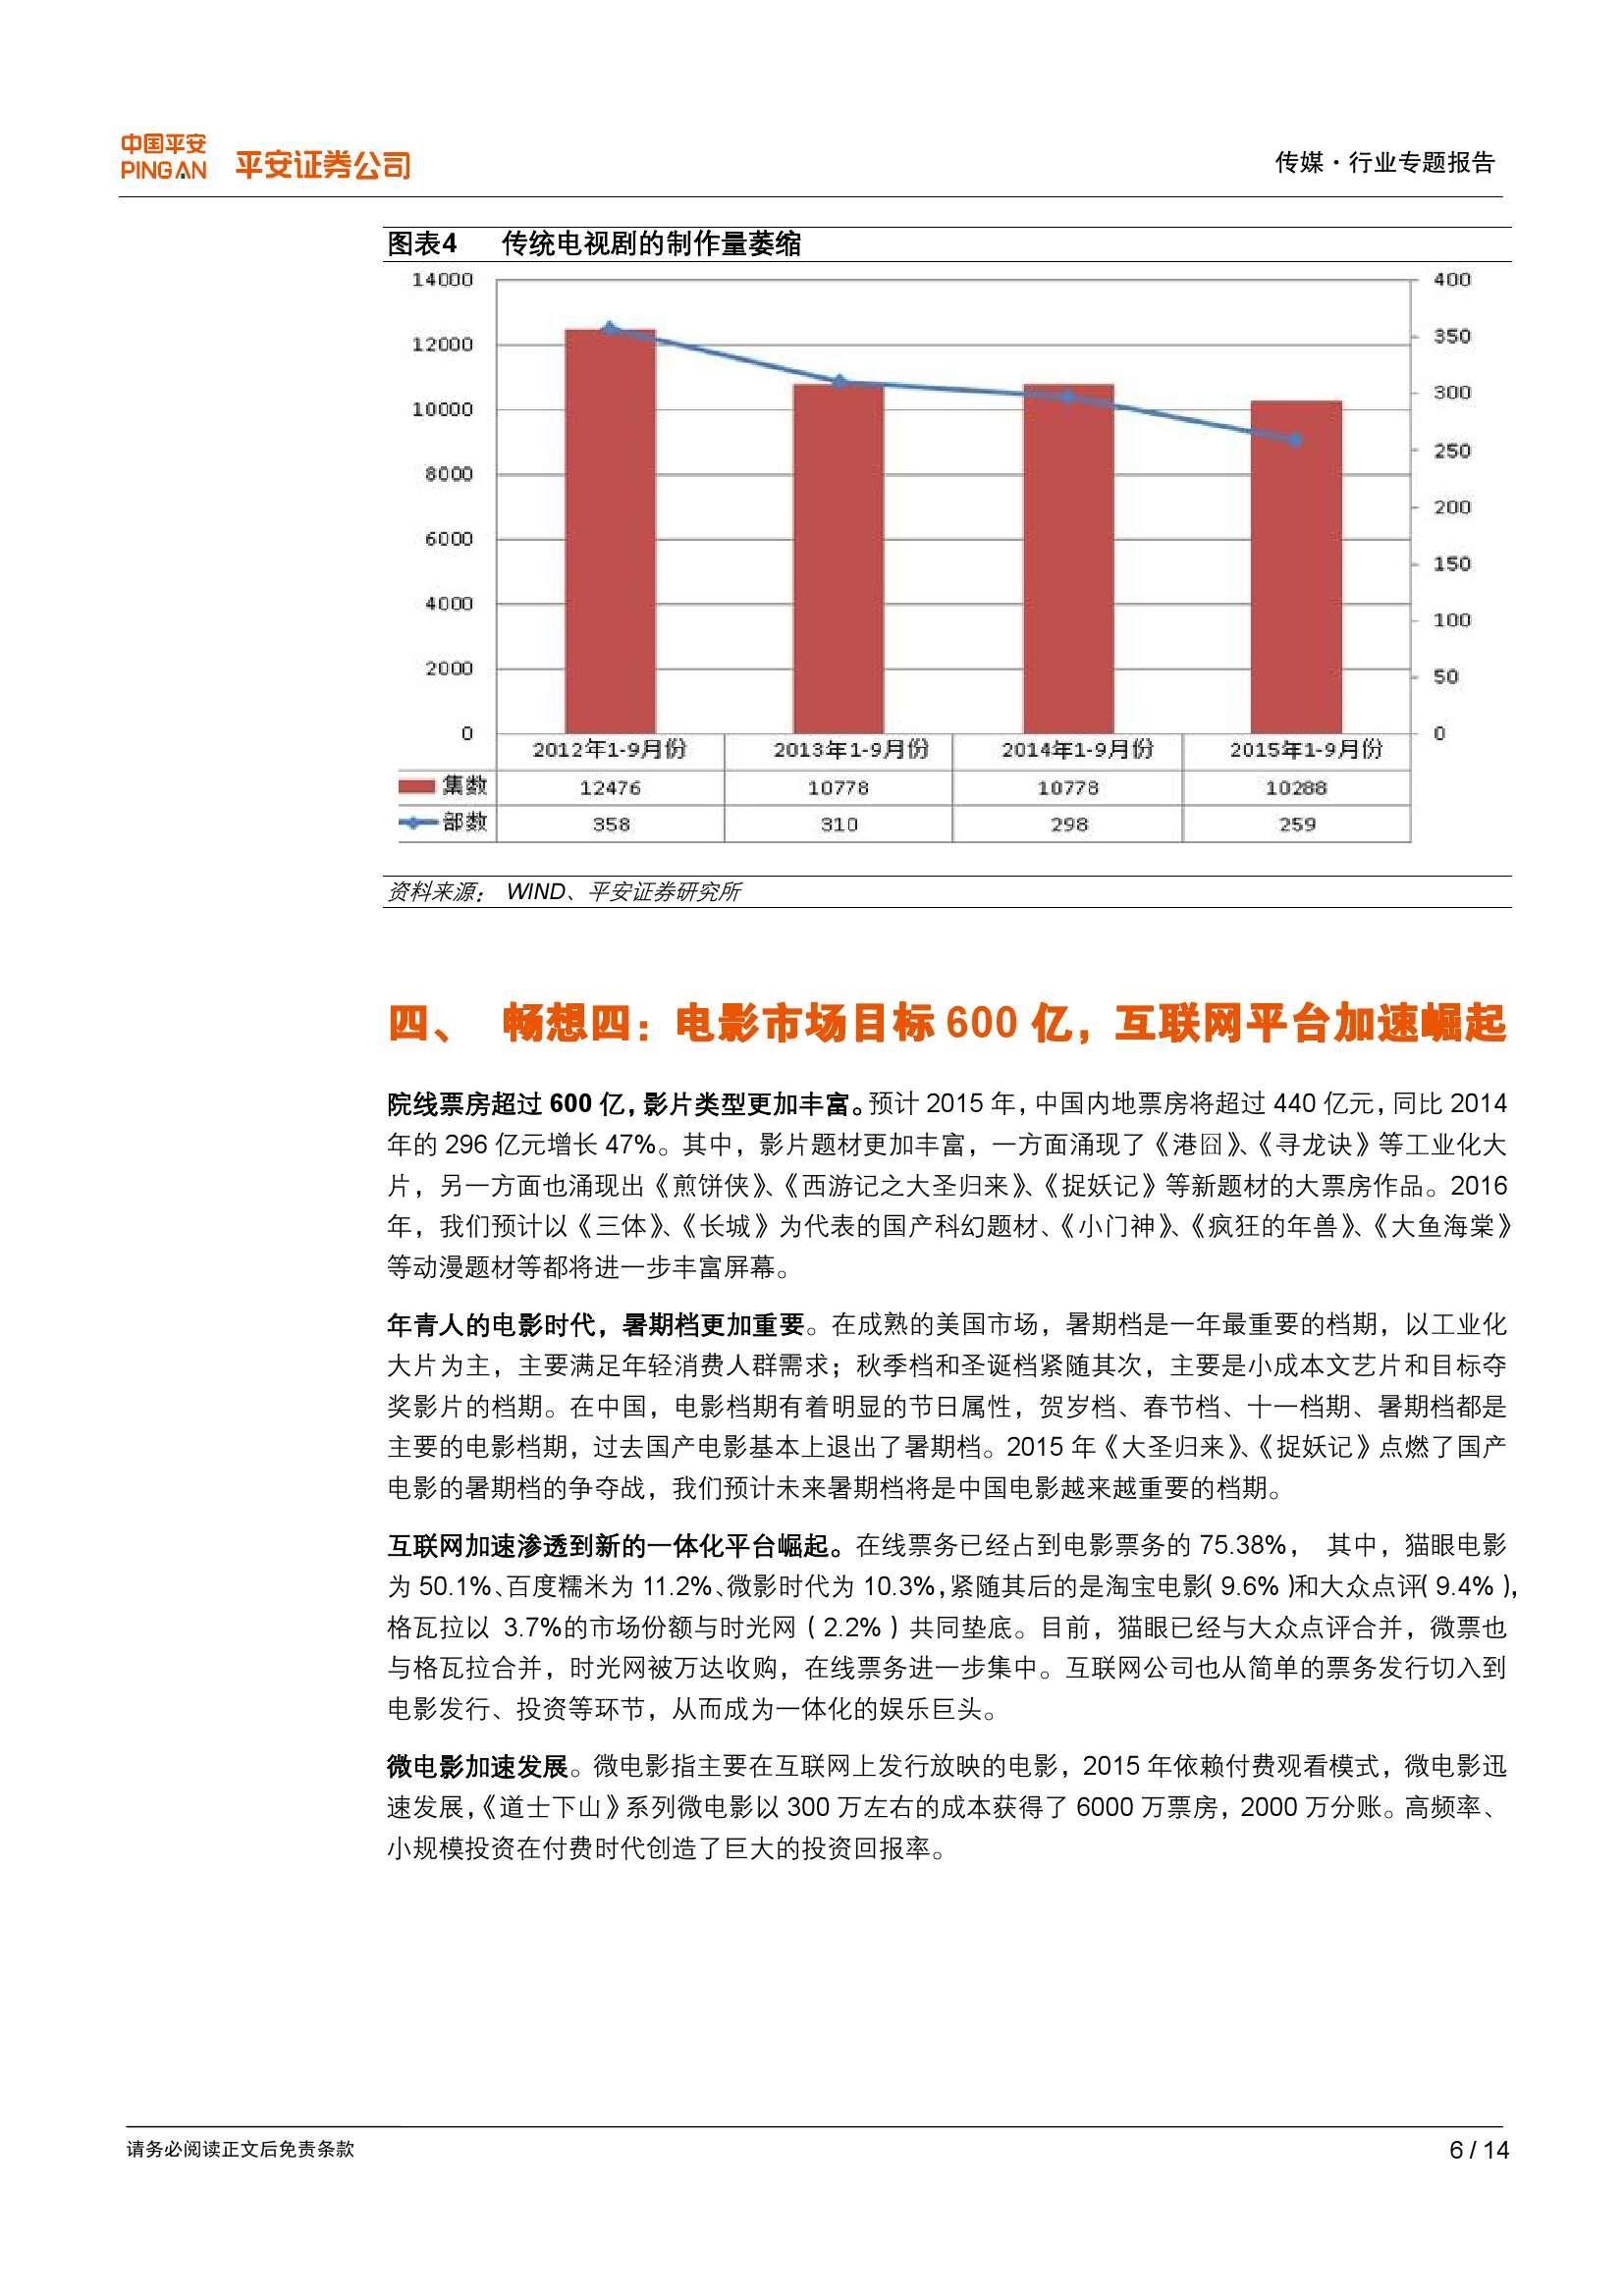 2016年传媒行业10大畅想_000006